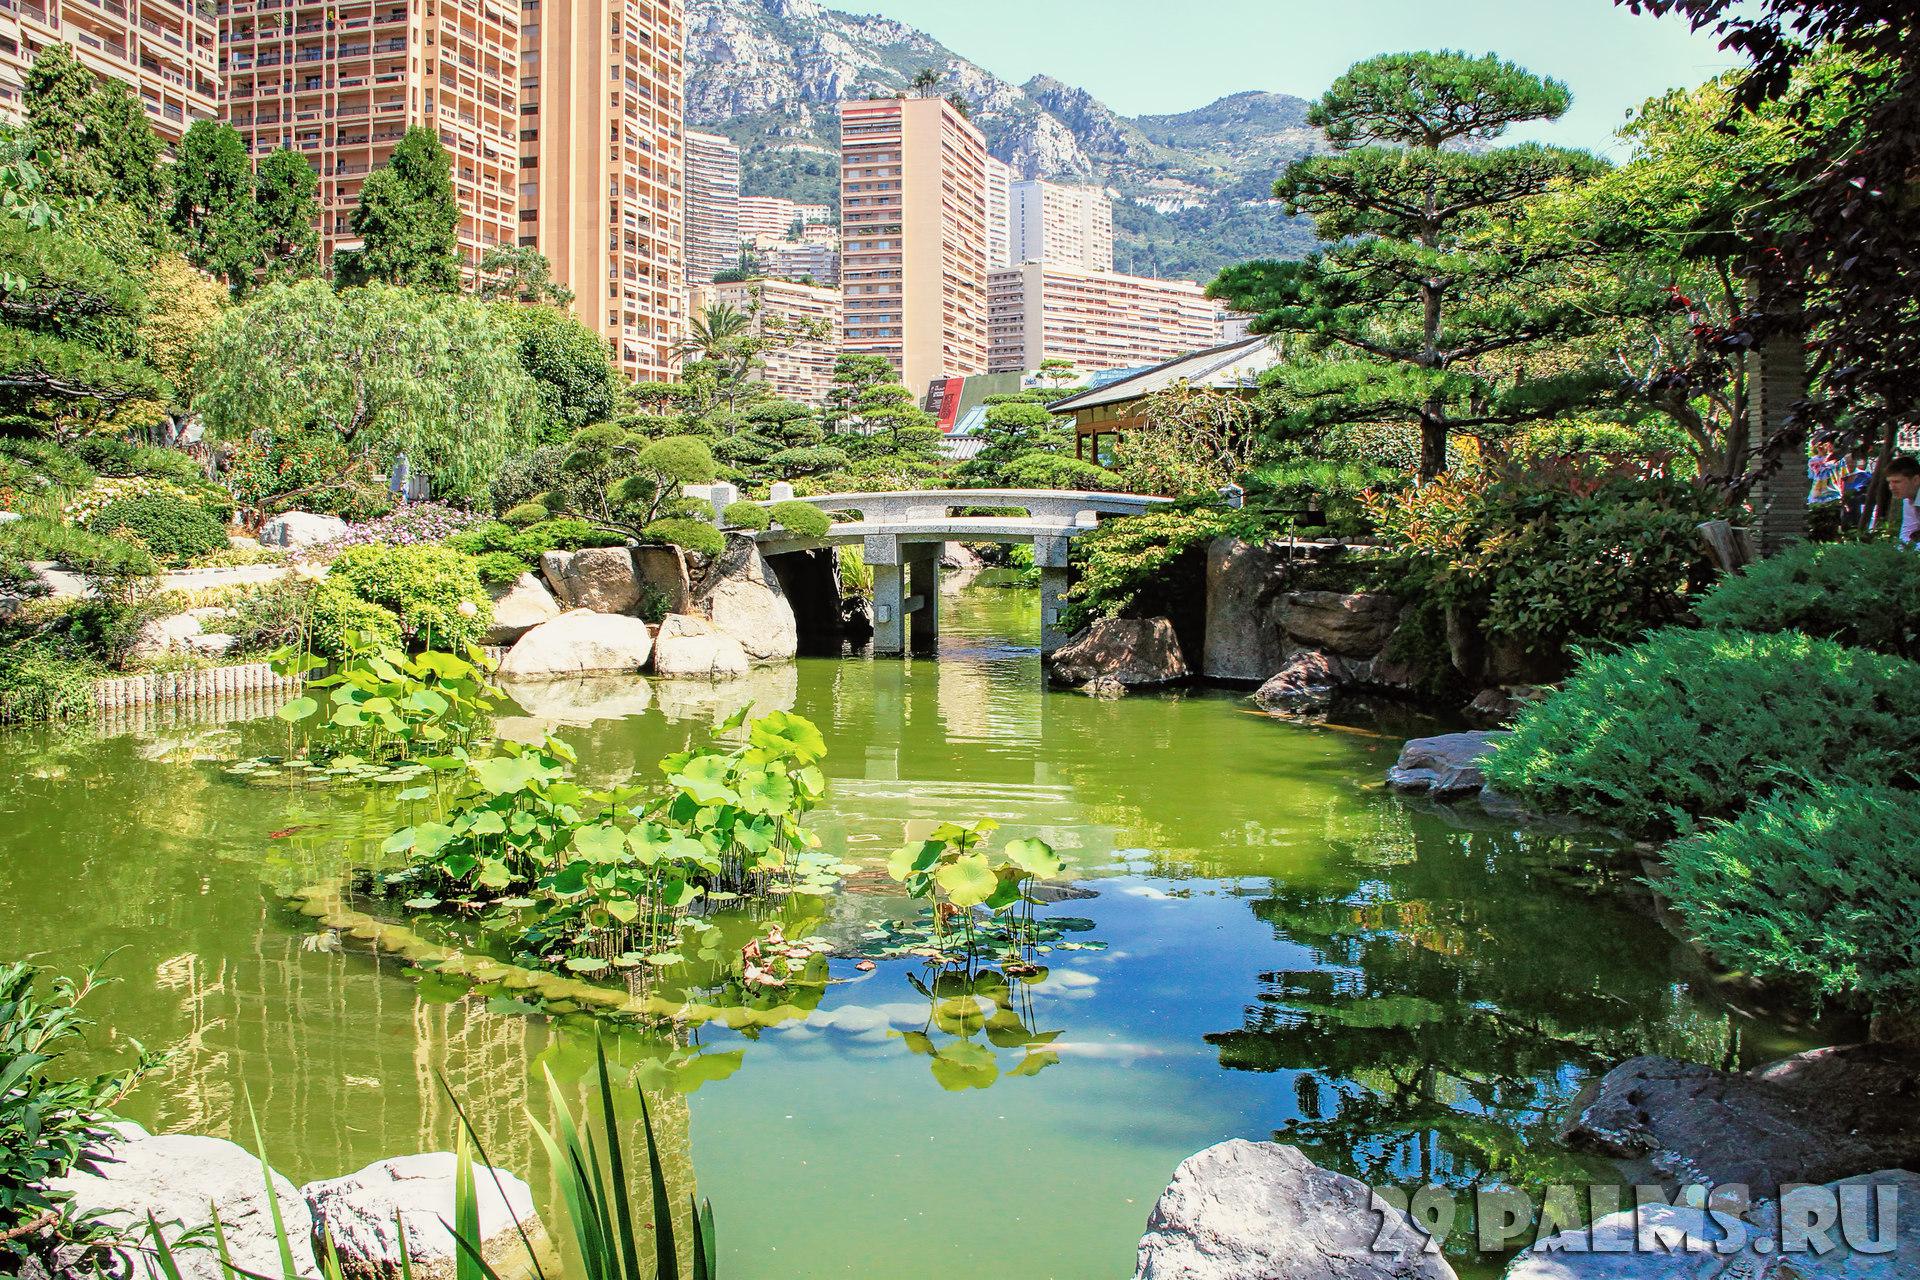 Jardin japonais de monaco 29 for Jardin japonais monaco